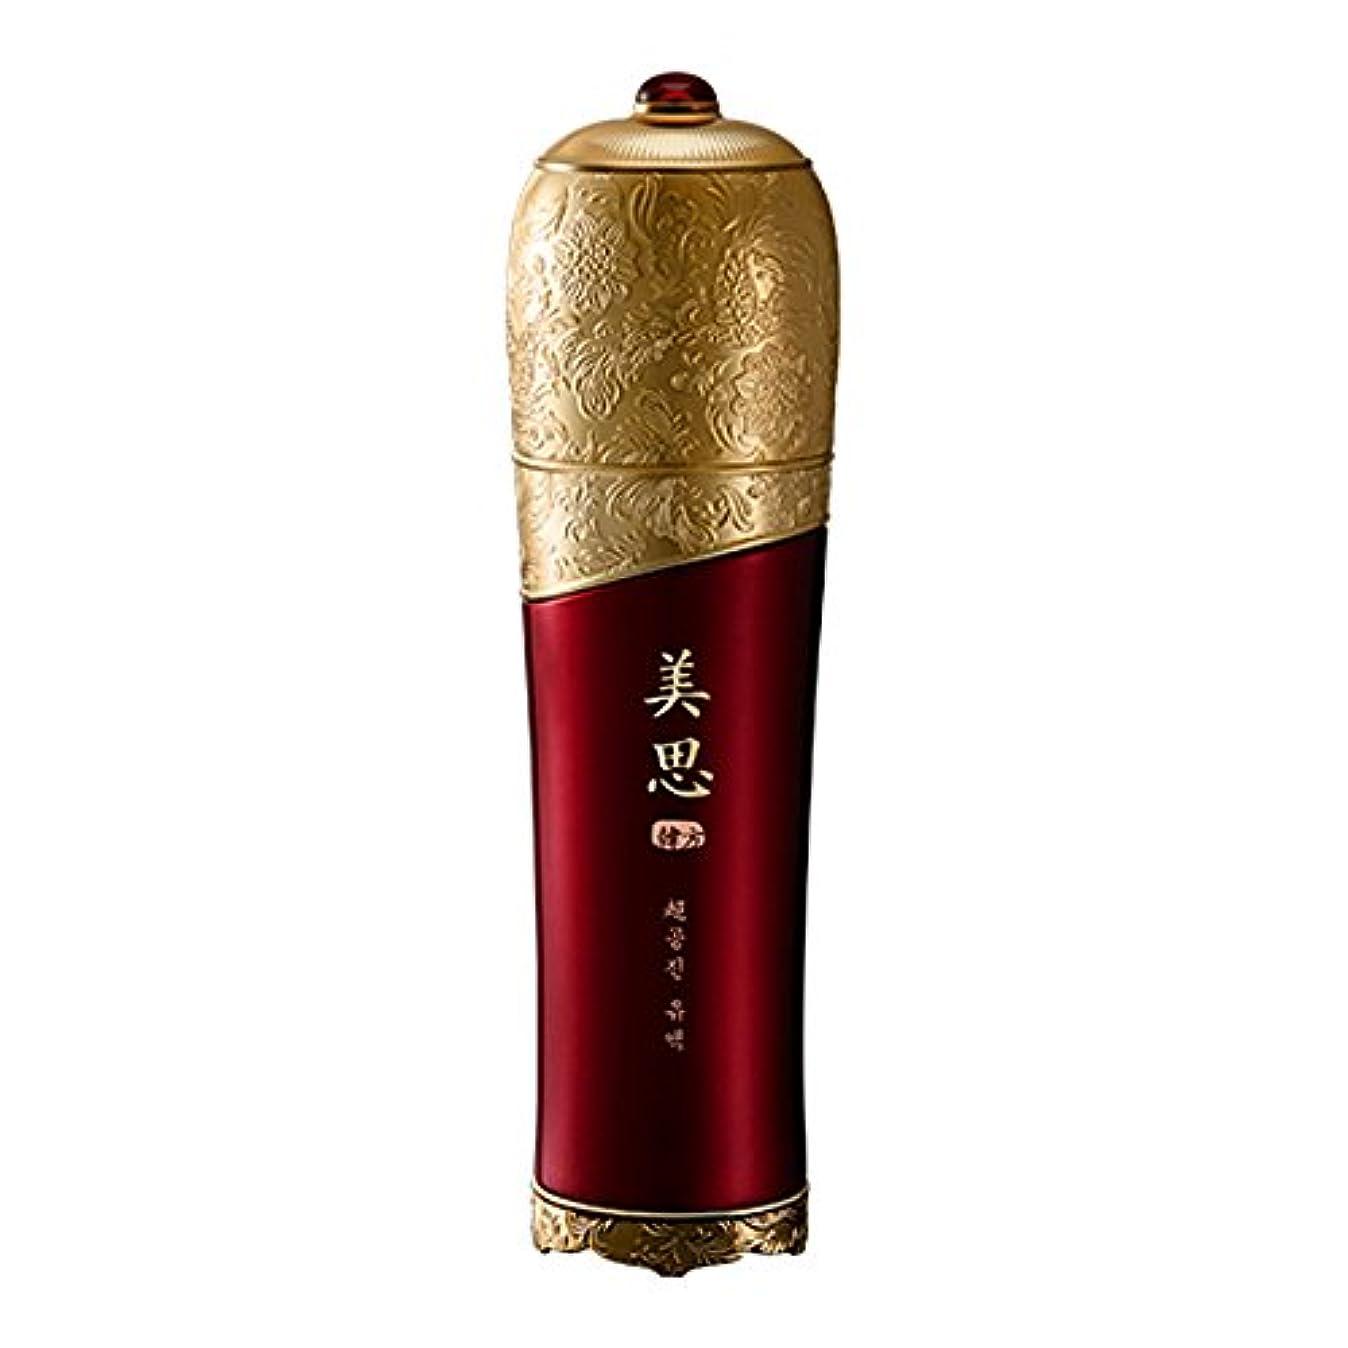 サスペンドレタス避難MISSHA(ミシャ)美思 韓方 旧チョボヤン (超)チョゴンジン 乳液 基礎化粧品 スキンケア